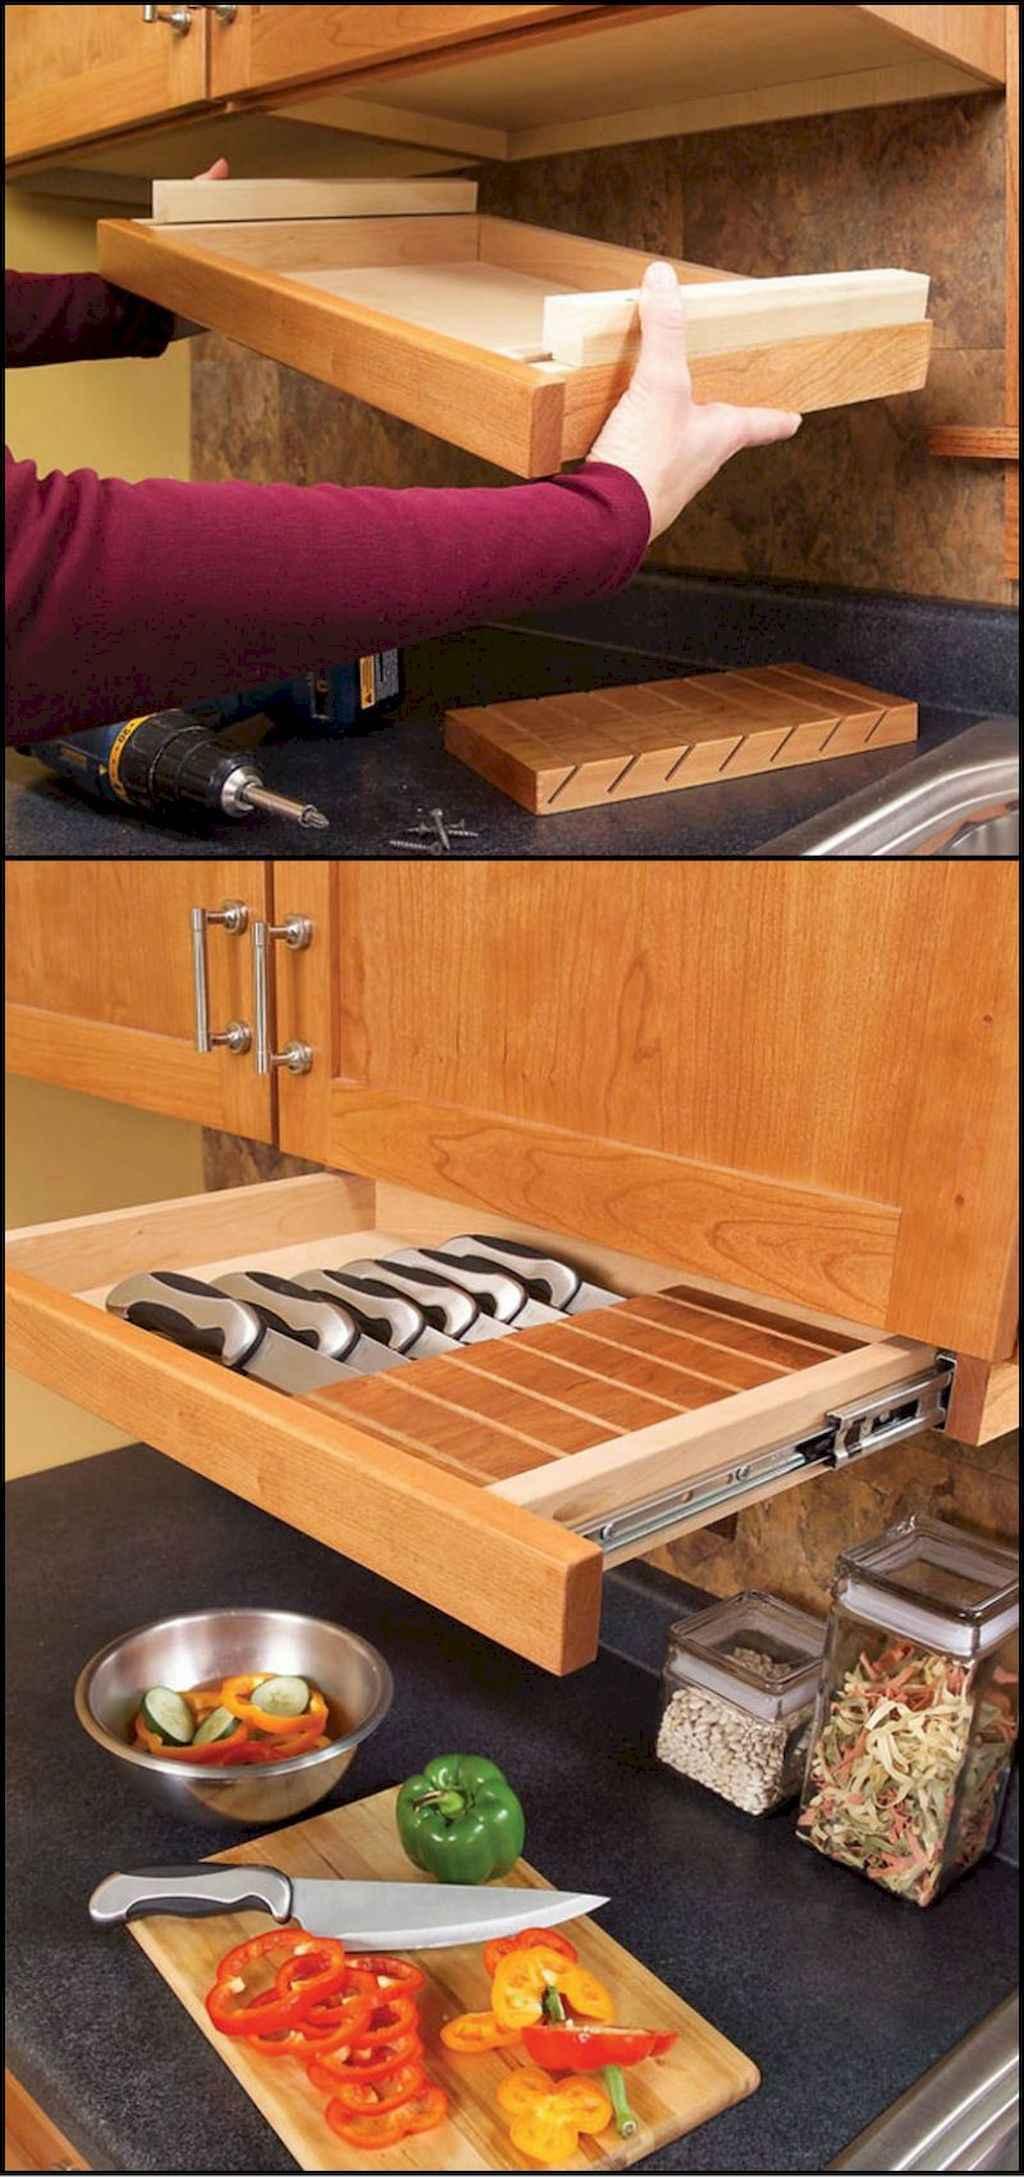 Ingenious hidden kitchen cabinet & storage solutions (8)